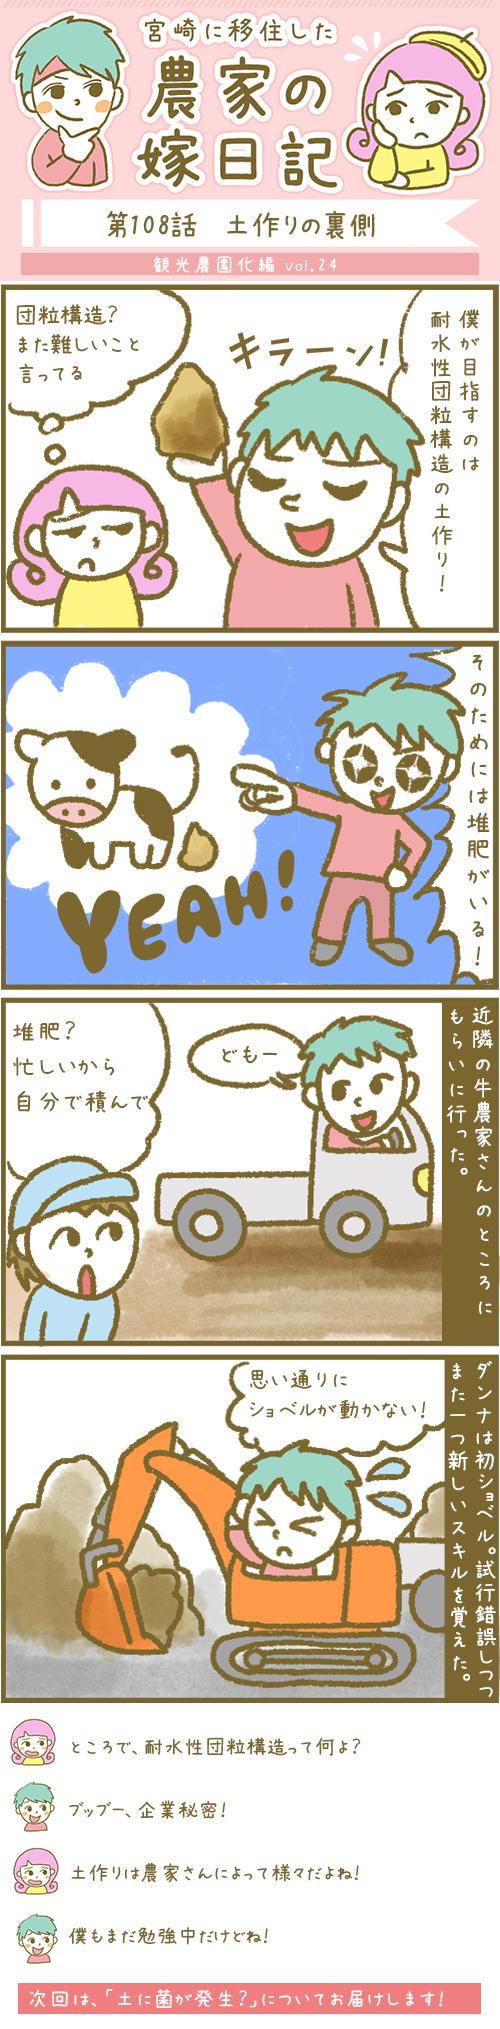 漫画第108話